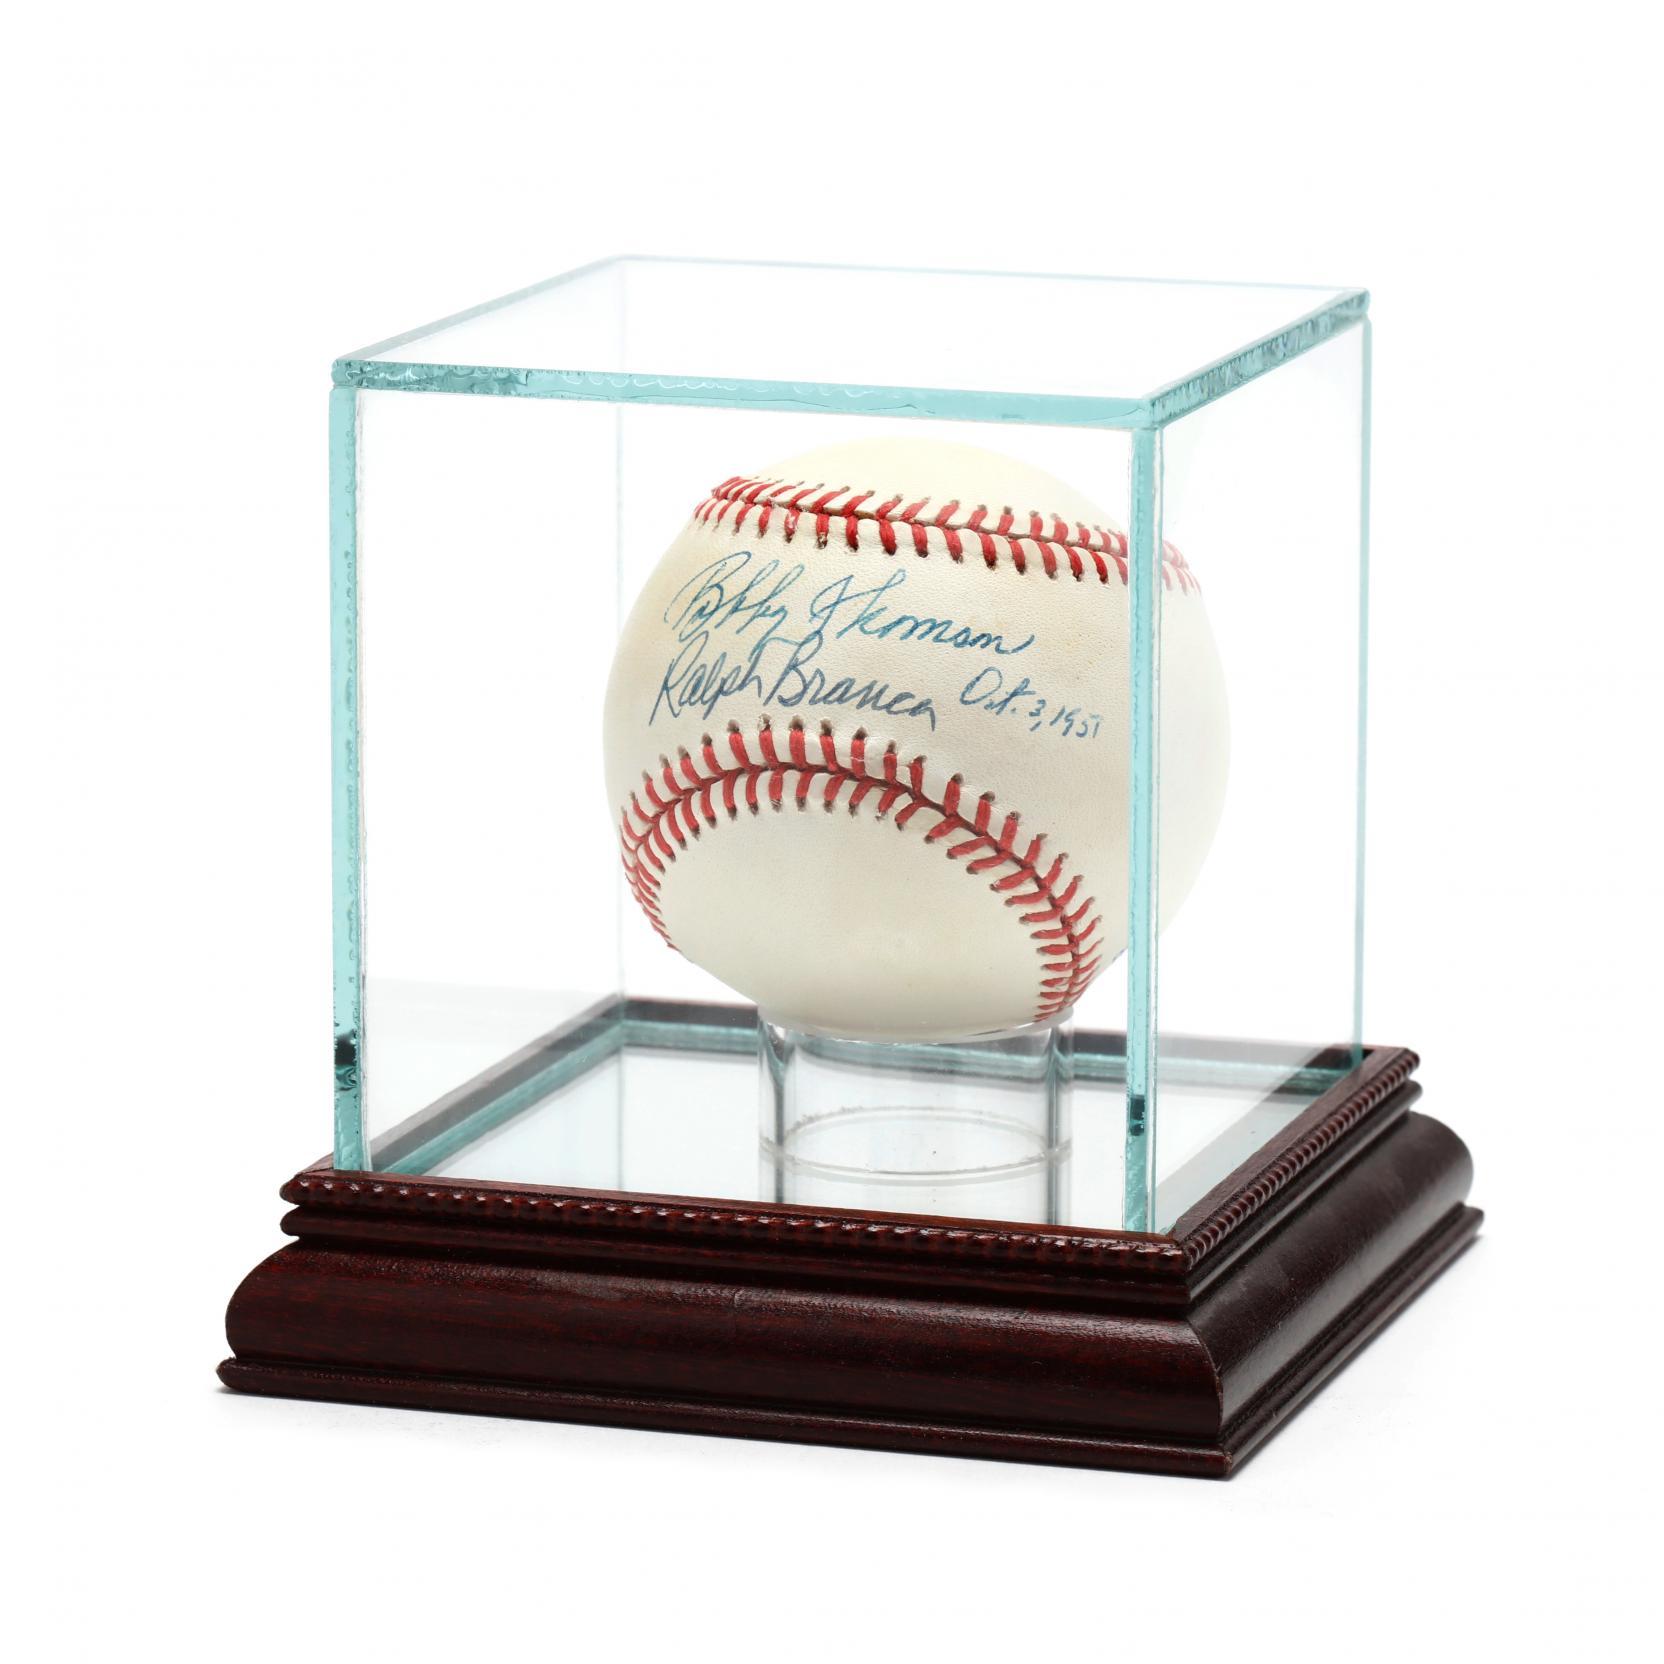 bobby-thomson-and-ralph-branca-autographed-baseball